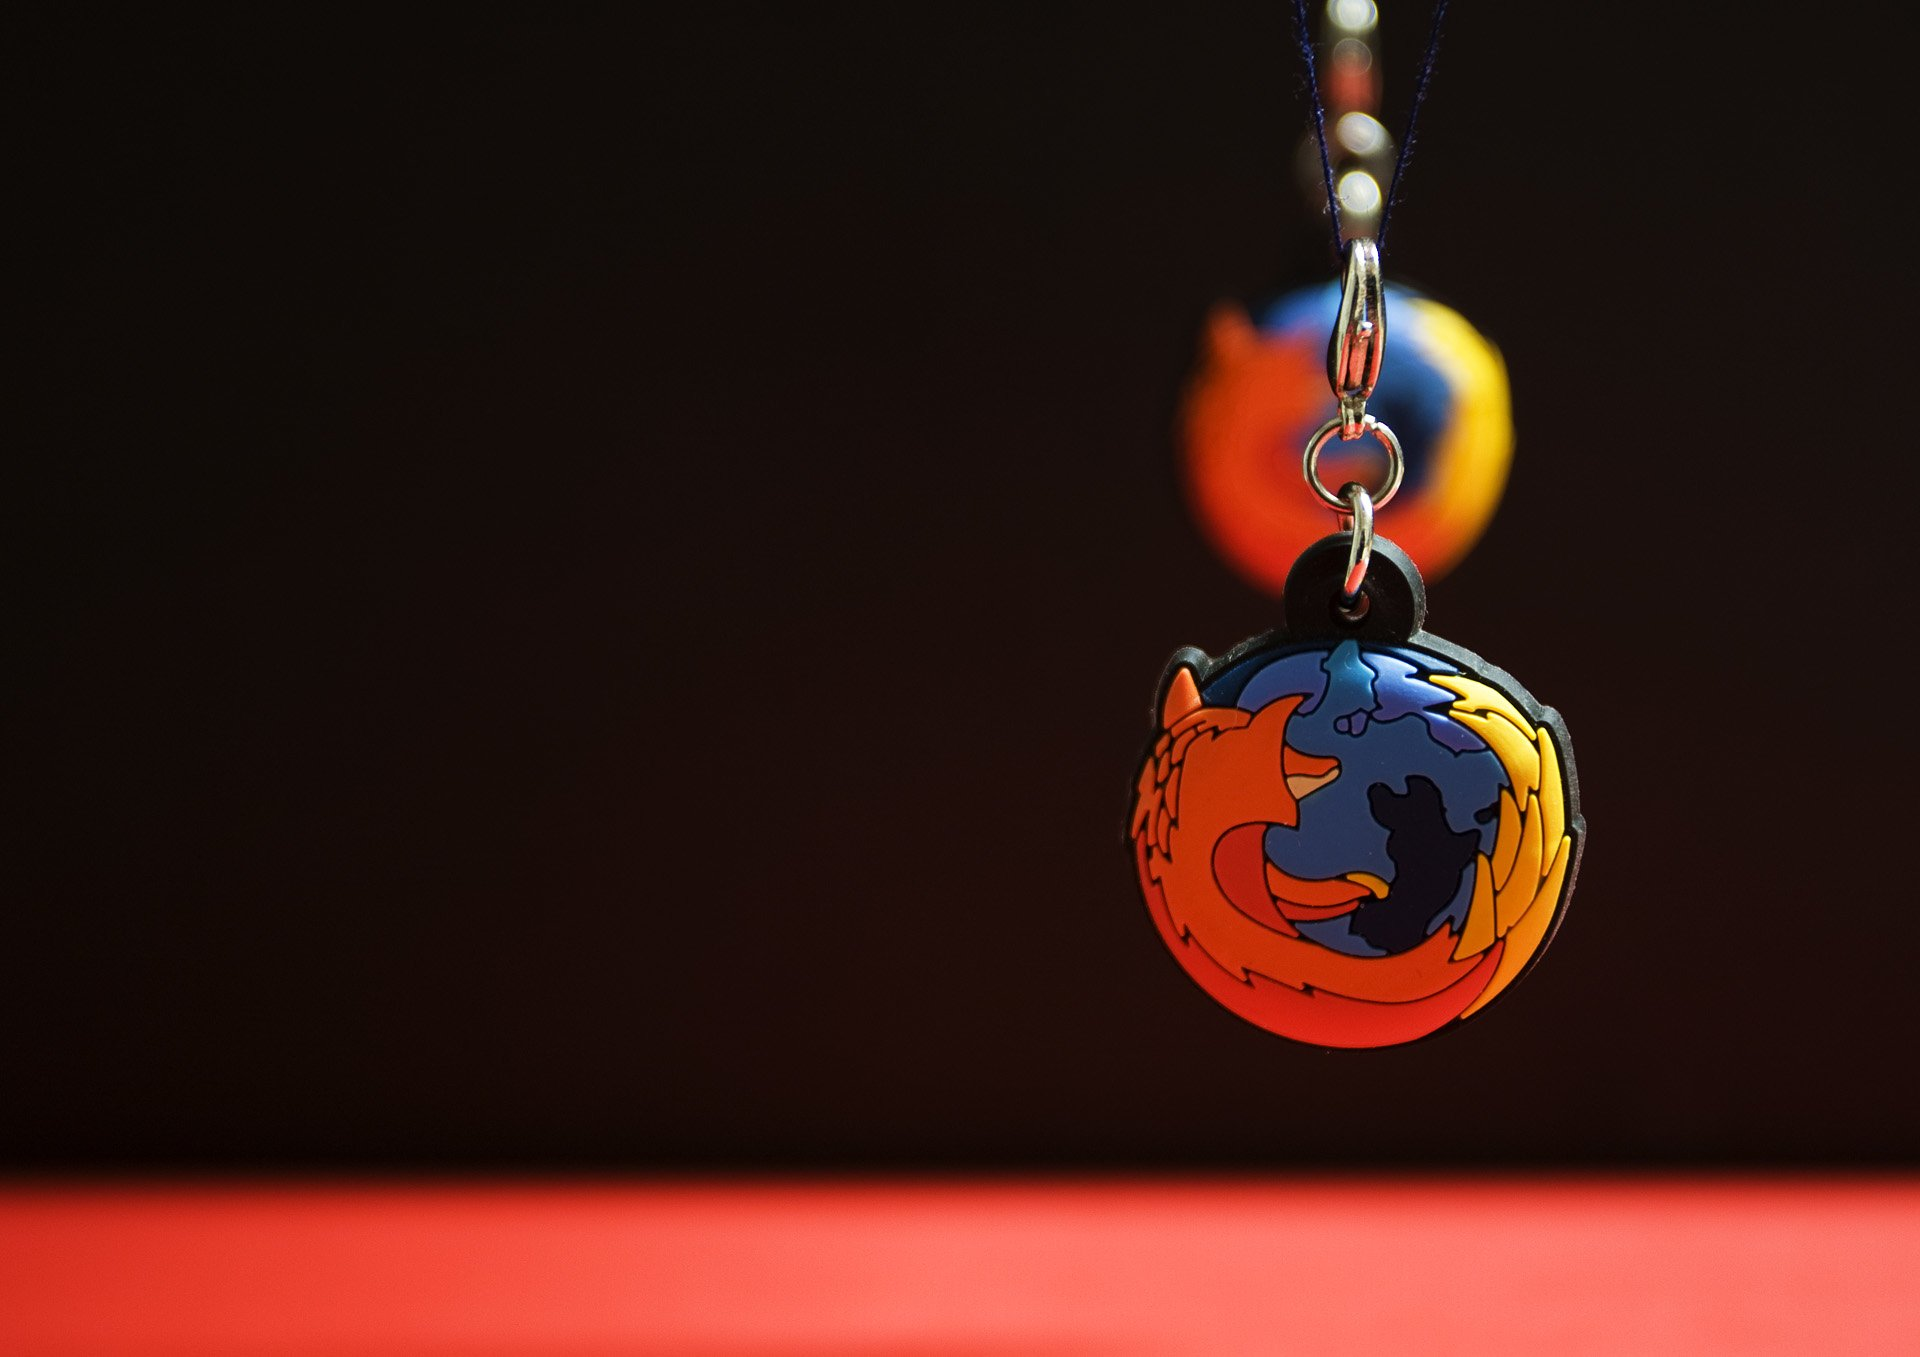 Technologie - Firefox  Mozilla Technologie Browser Internet Fond d'écran